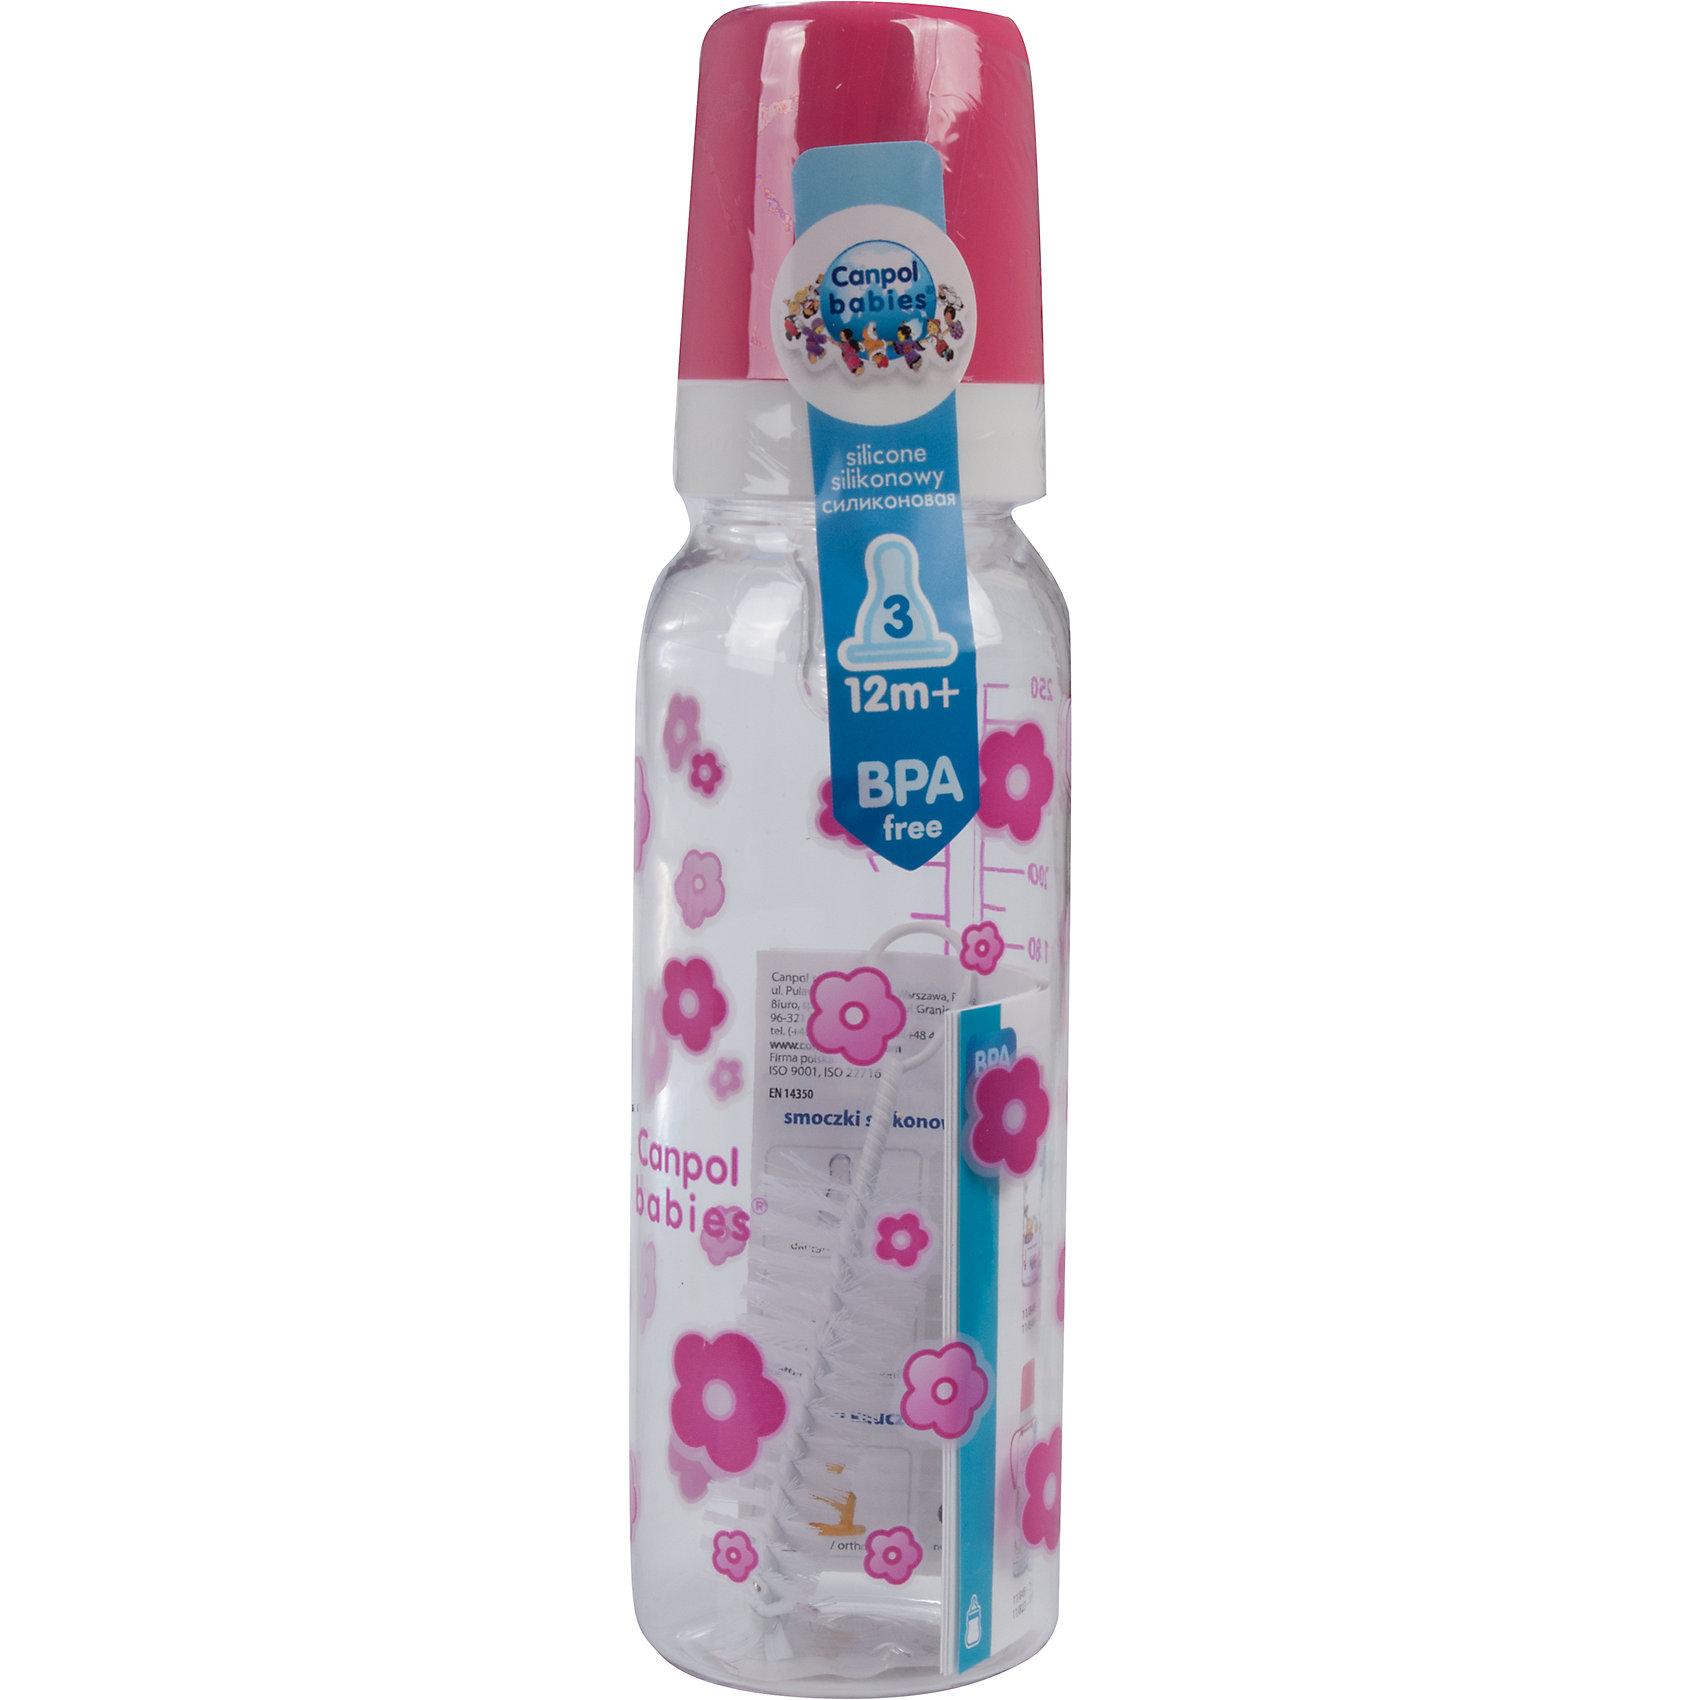 Бутылочка тритановая (BPA 0%) с сил. соской, 250 мл. 12+, Canpol Babies, розовый